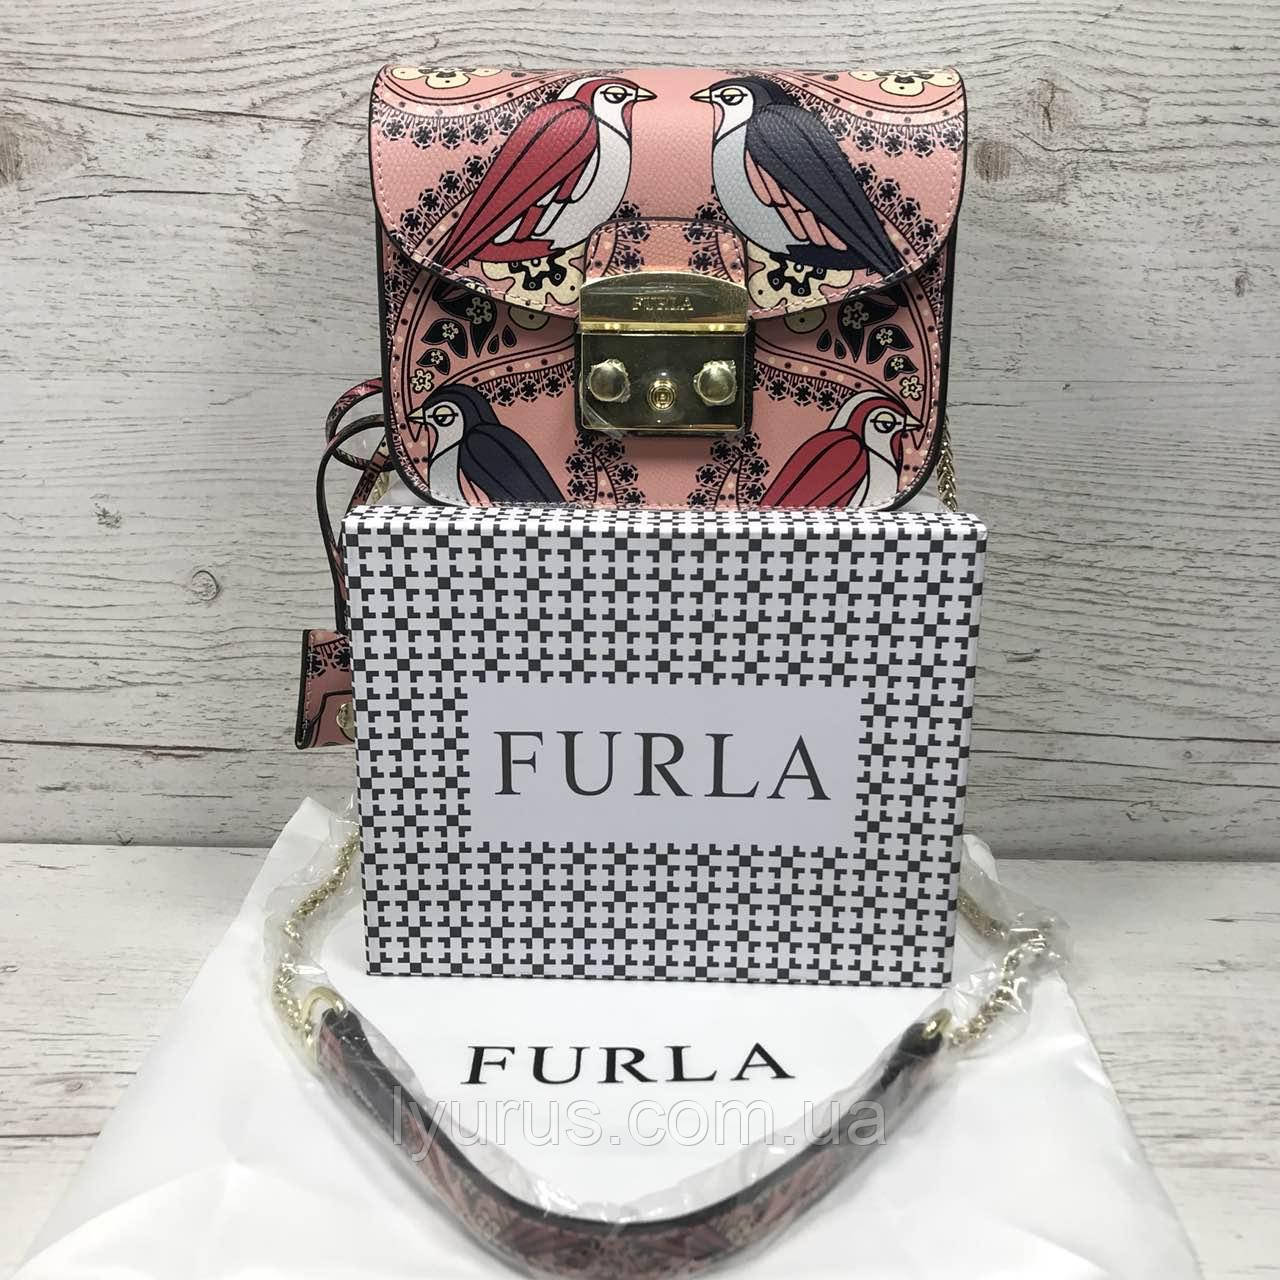 a9b6d093192e Кожаная сумка клатч Furla metropolis разноцветье - Интернет магазин LyuRus  в Полтаве